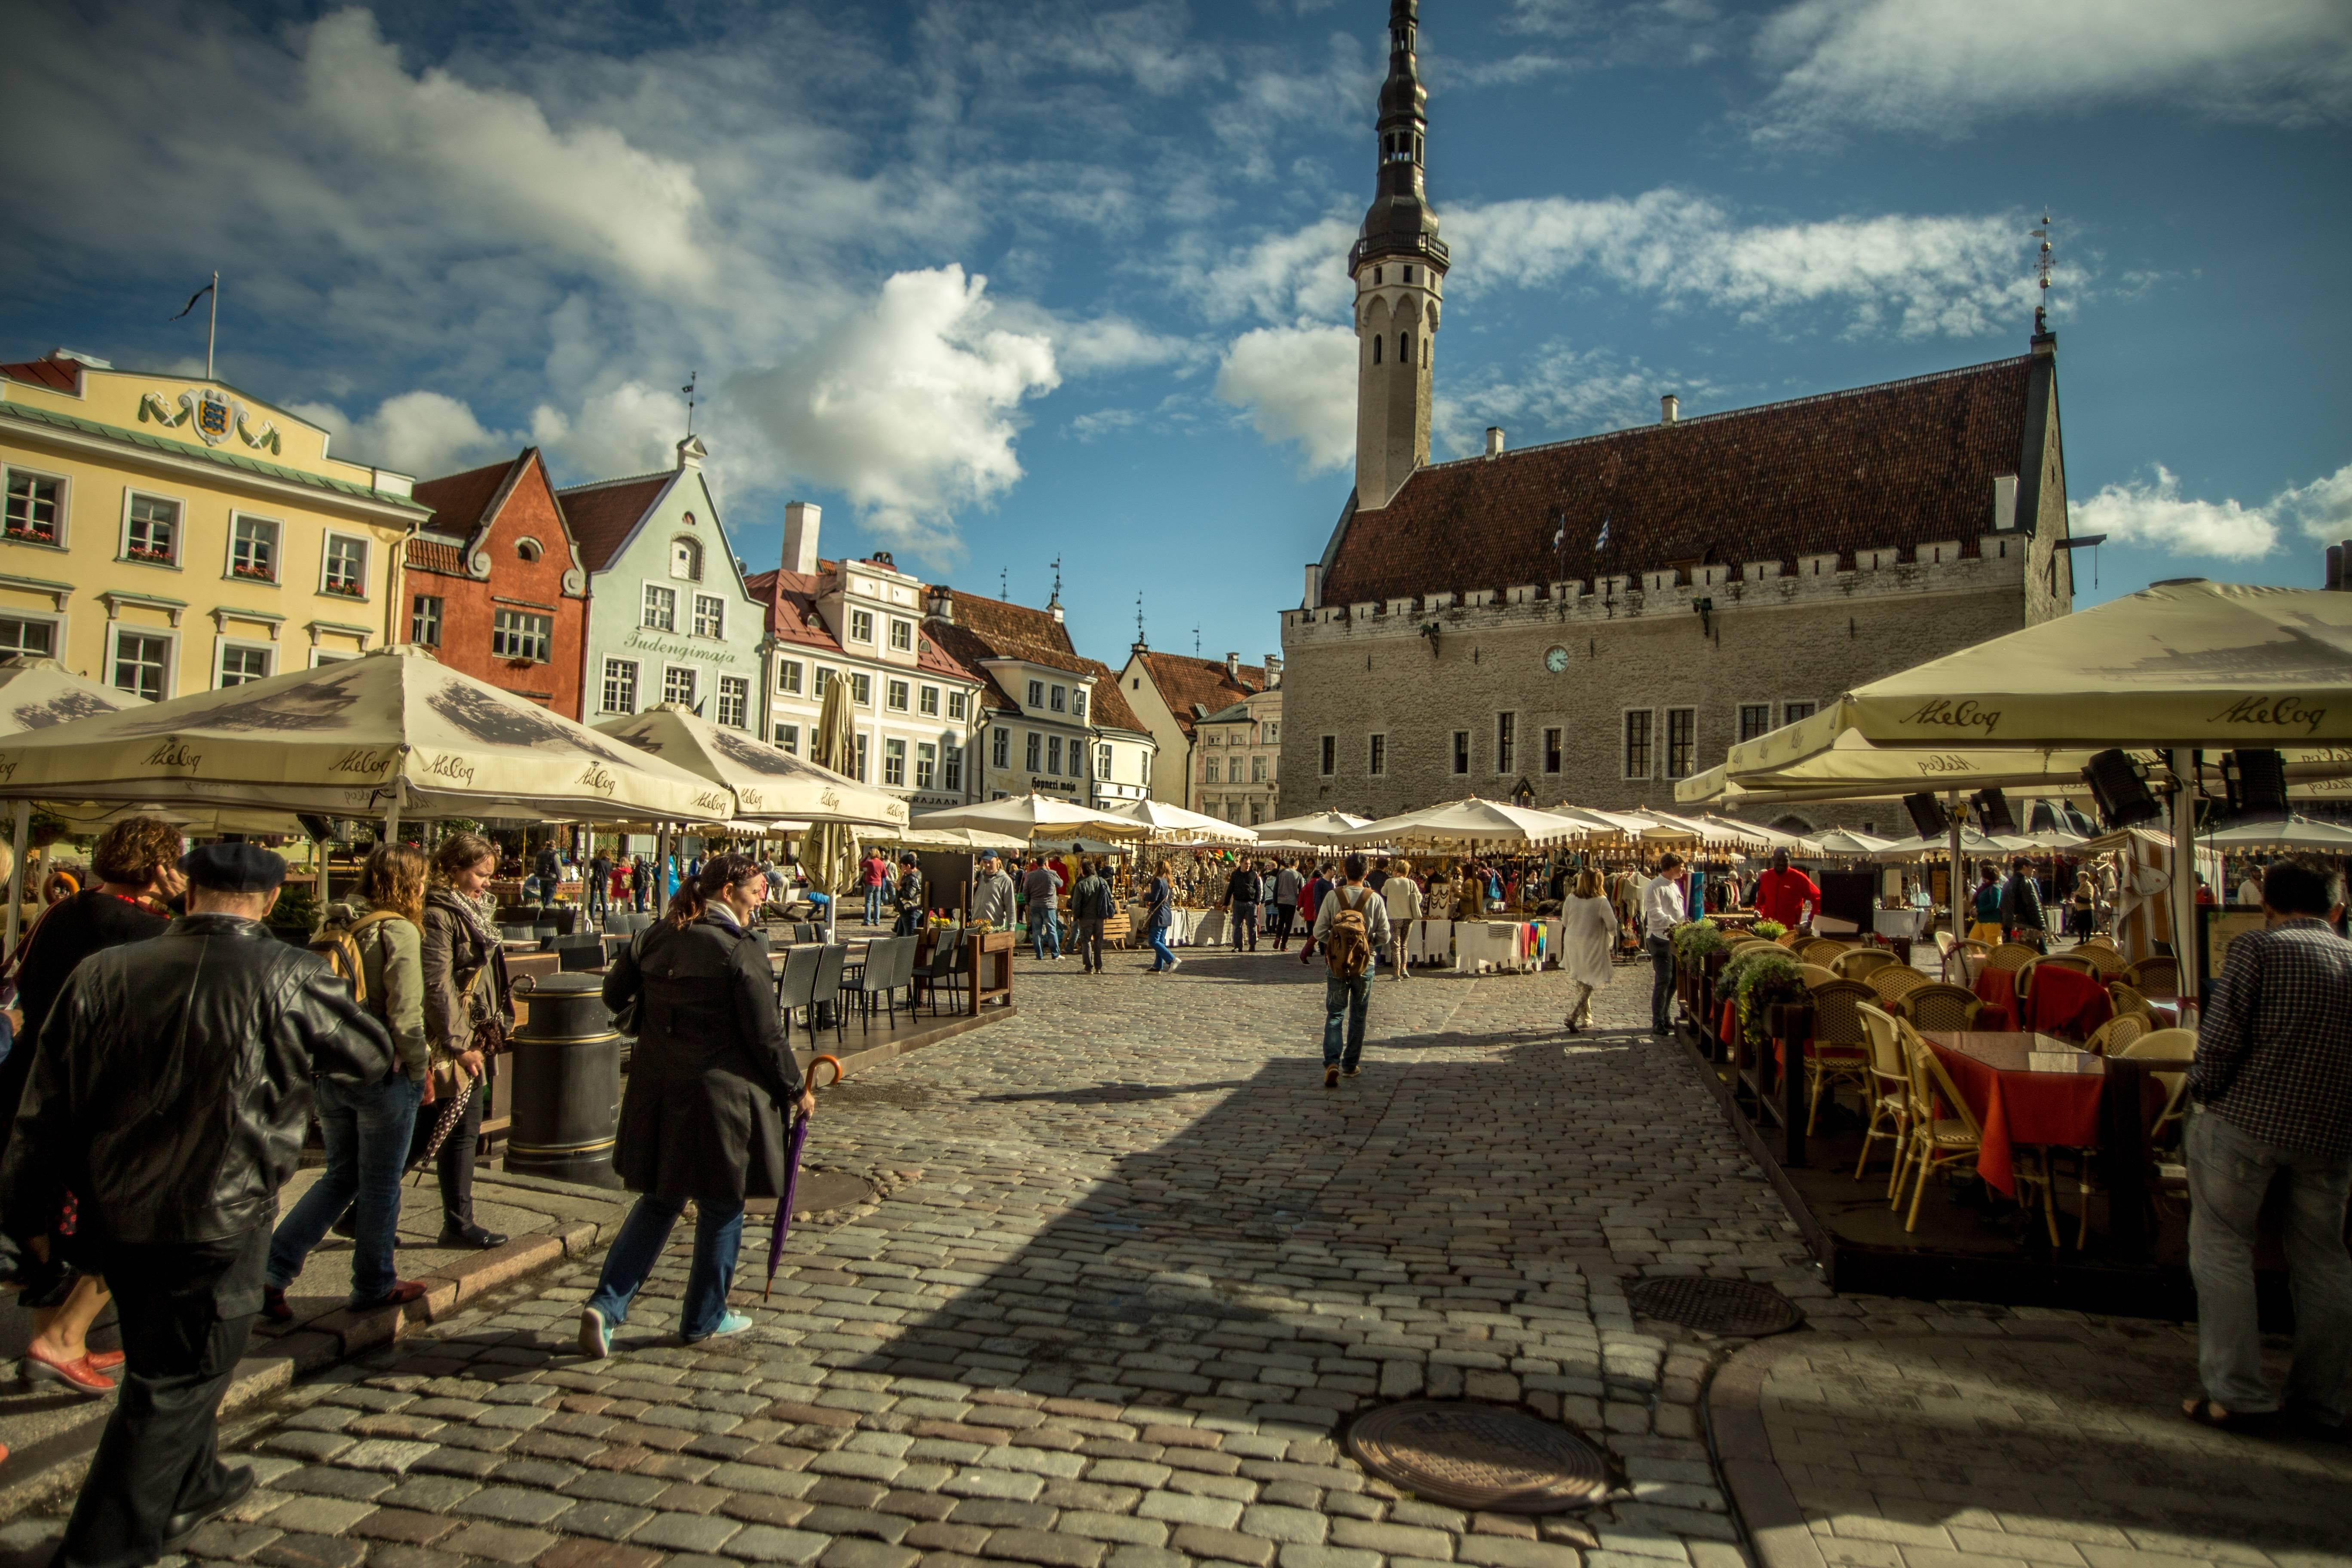 Работа в эстонии для русских: средняя зарплата в 2020 году